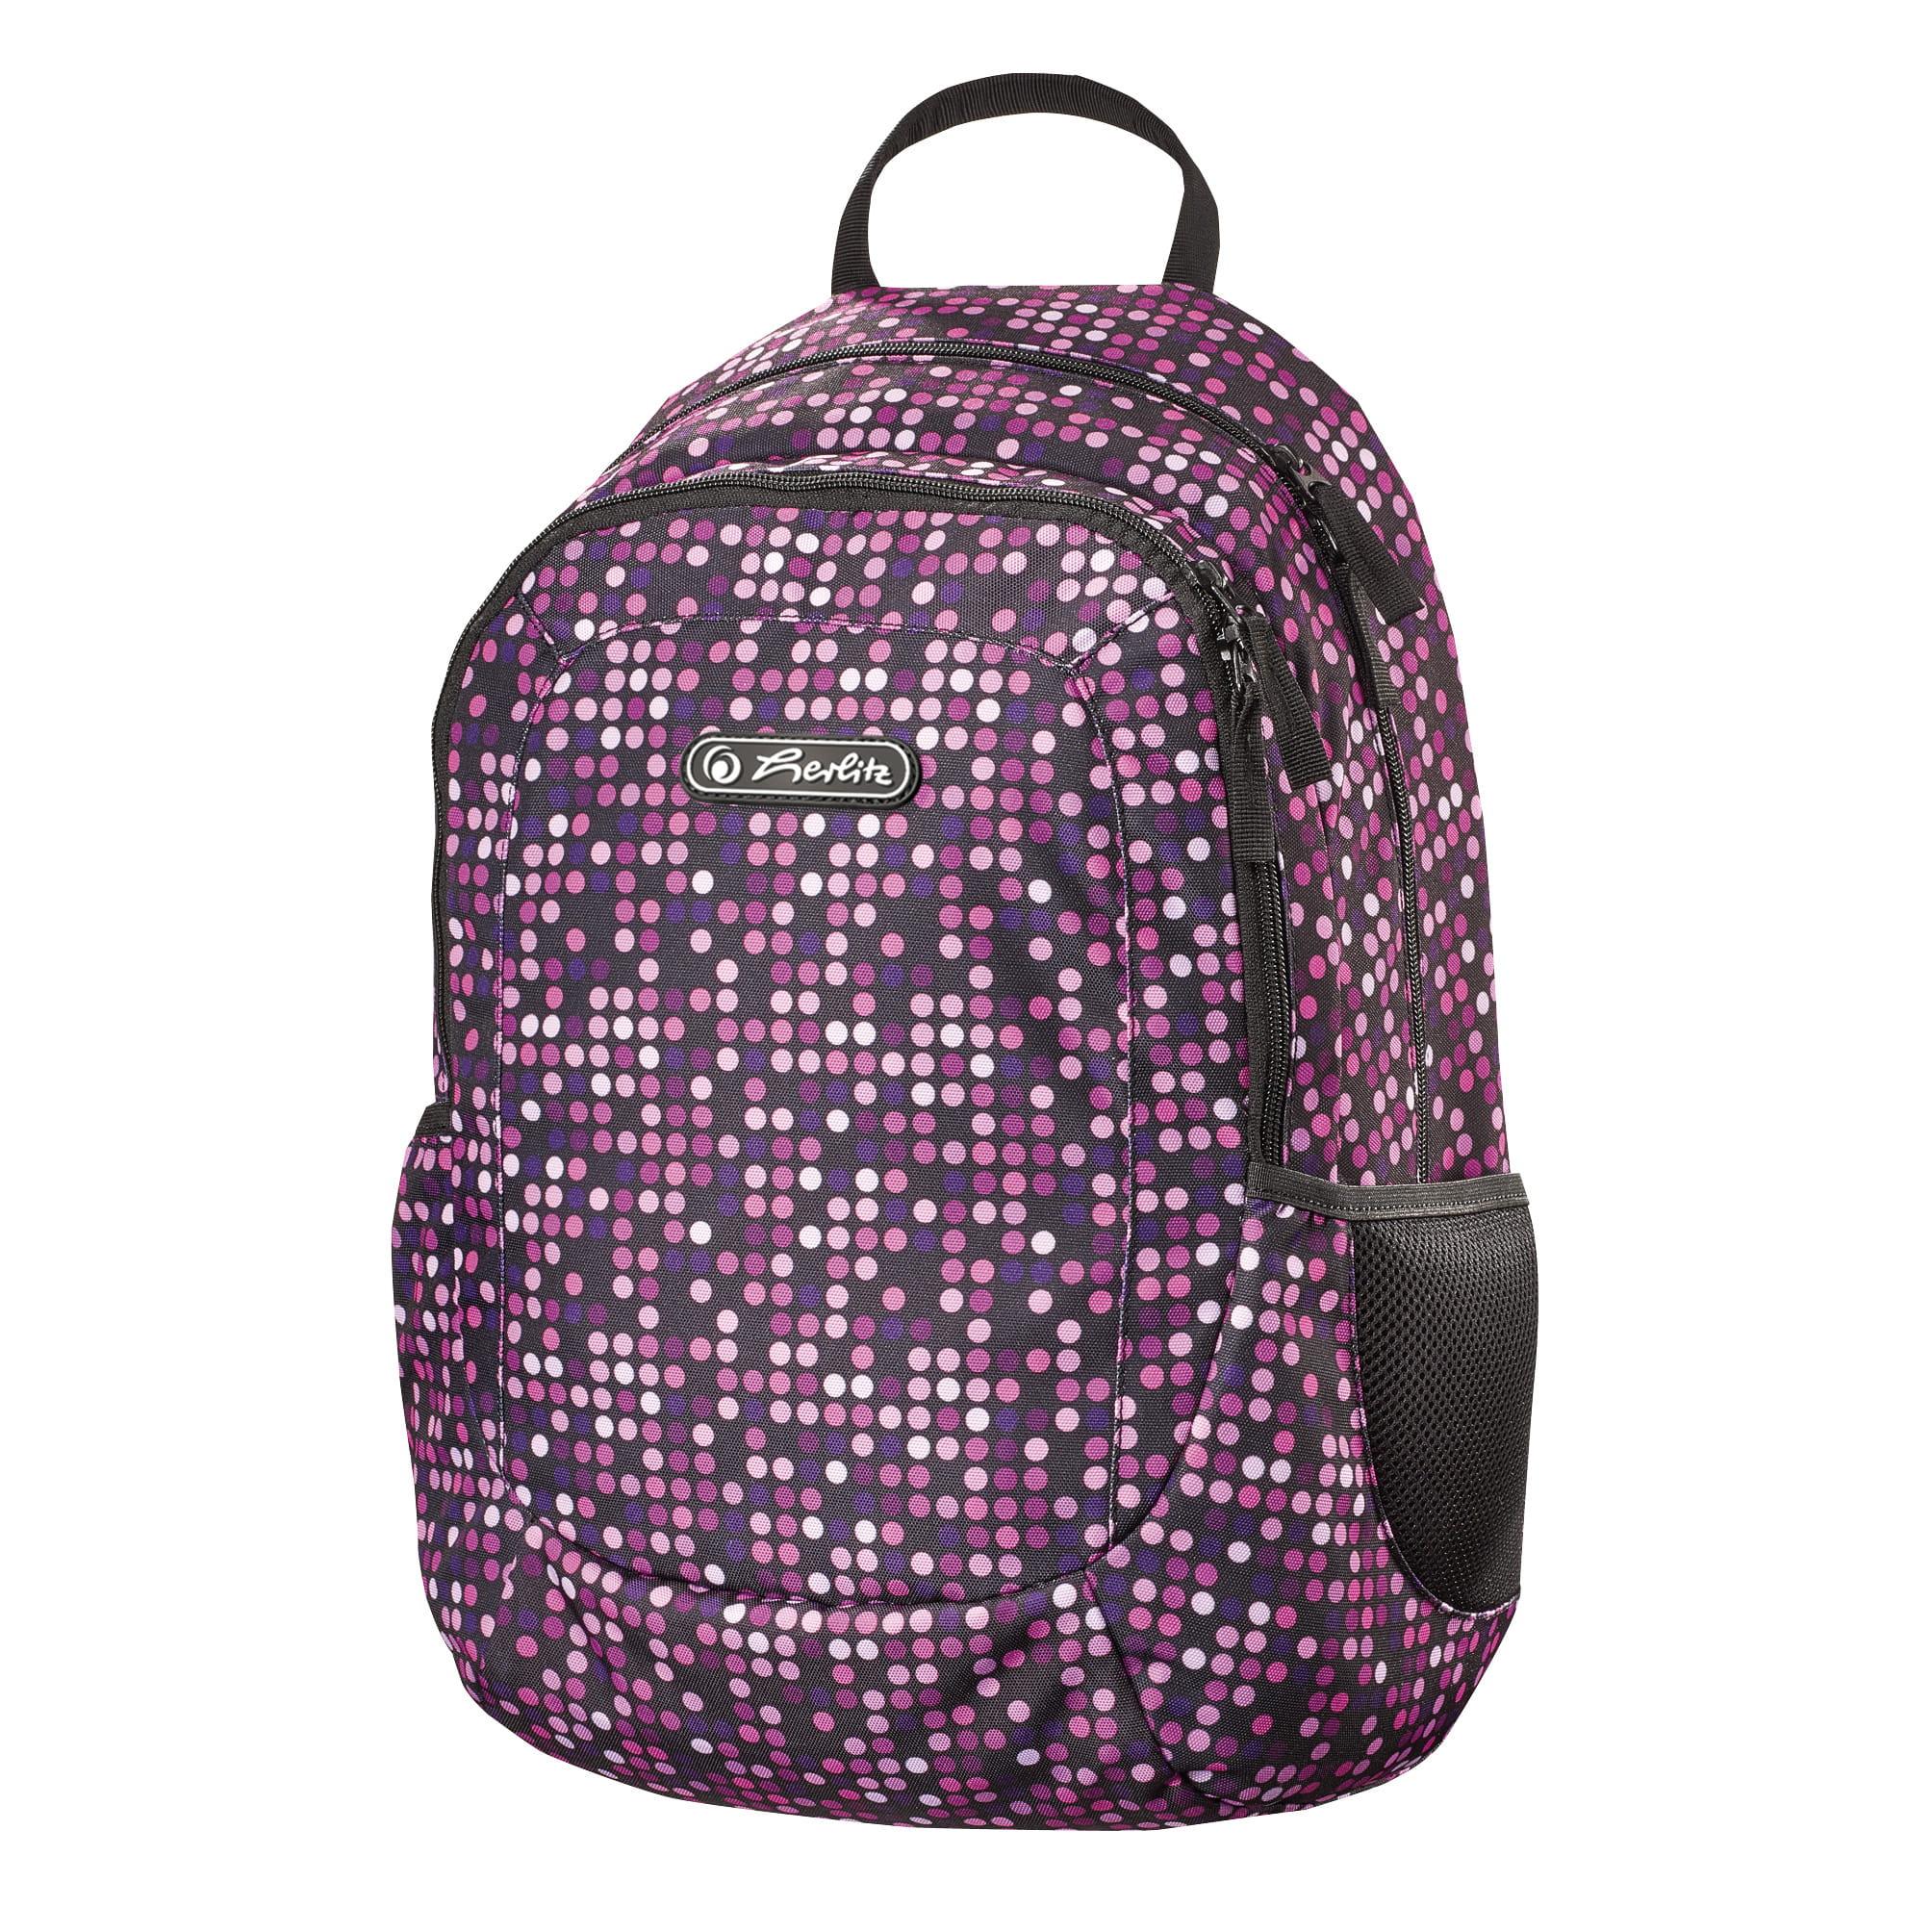 fec38653c070c Plecak szkolny młodzieżowy Herlitz SPOTLIGHTS - Dzieciaki Szkolniaki